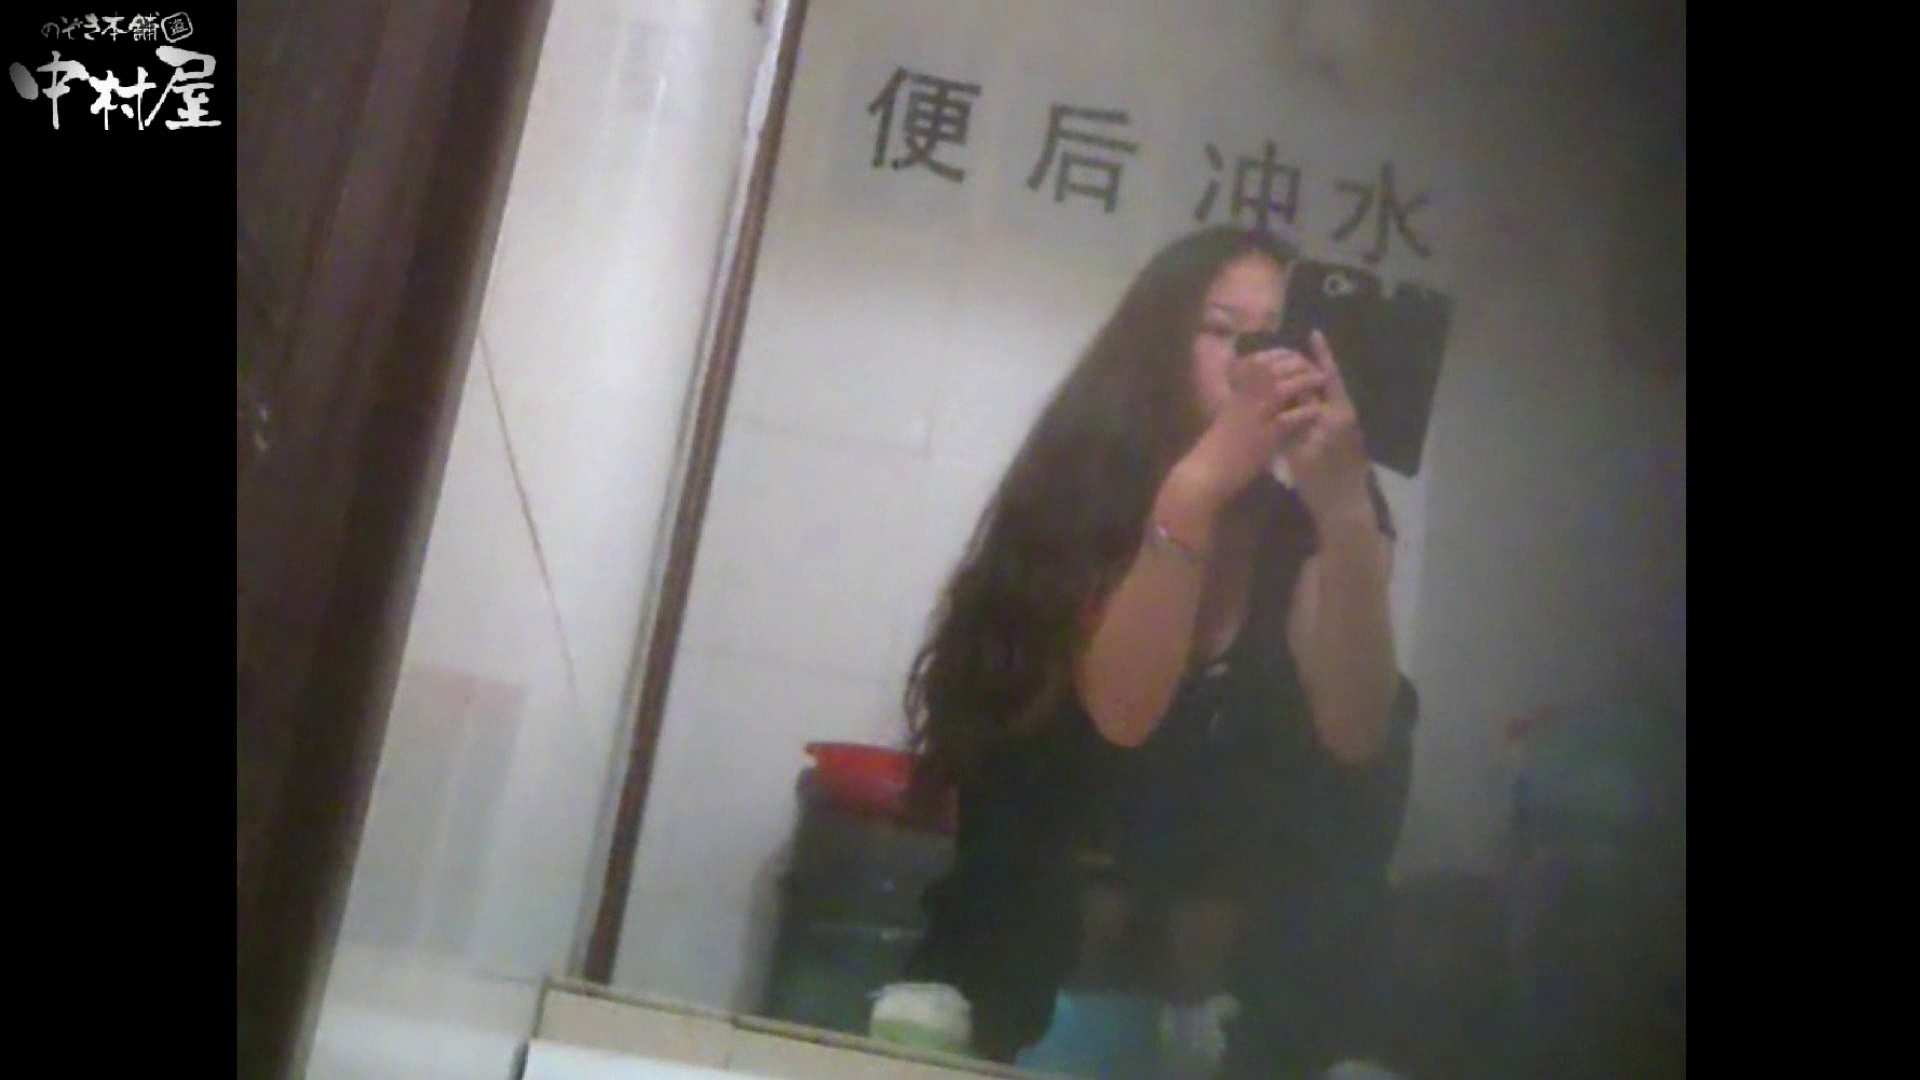 李さんの盗撮日記 Vol.03 ギャルエロ画像 オマンコ無修正動画無料 29PICs 22